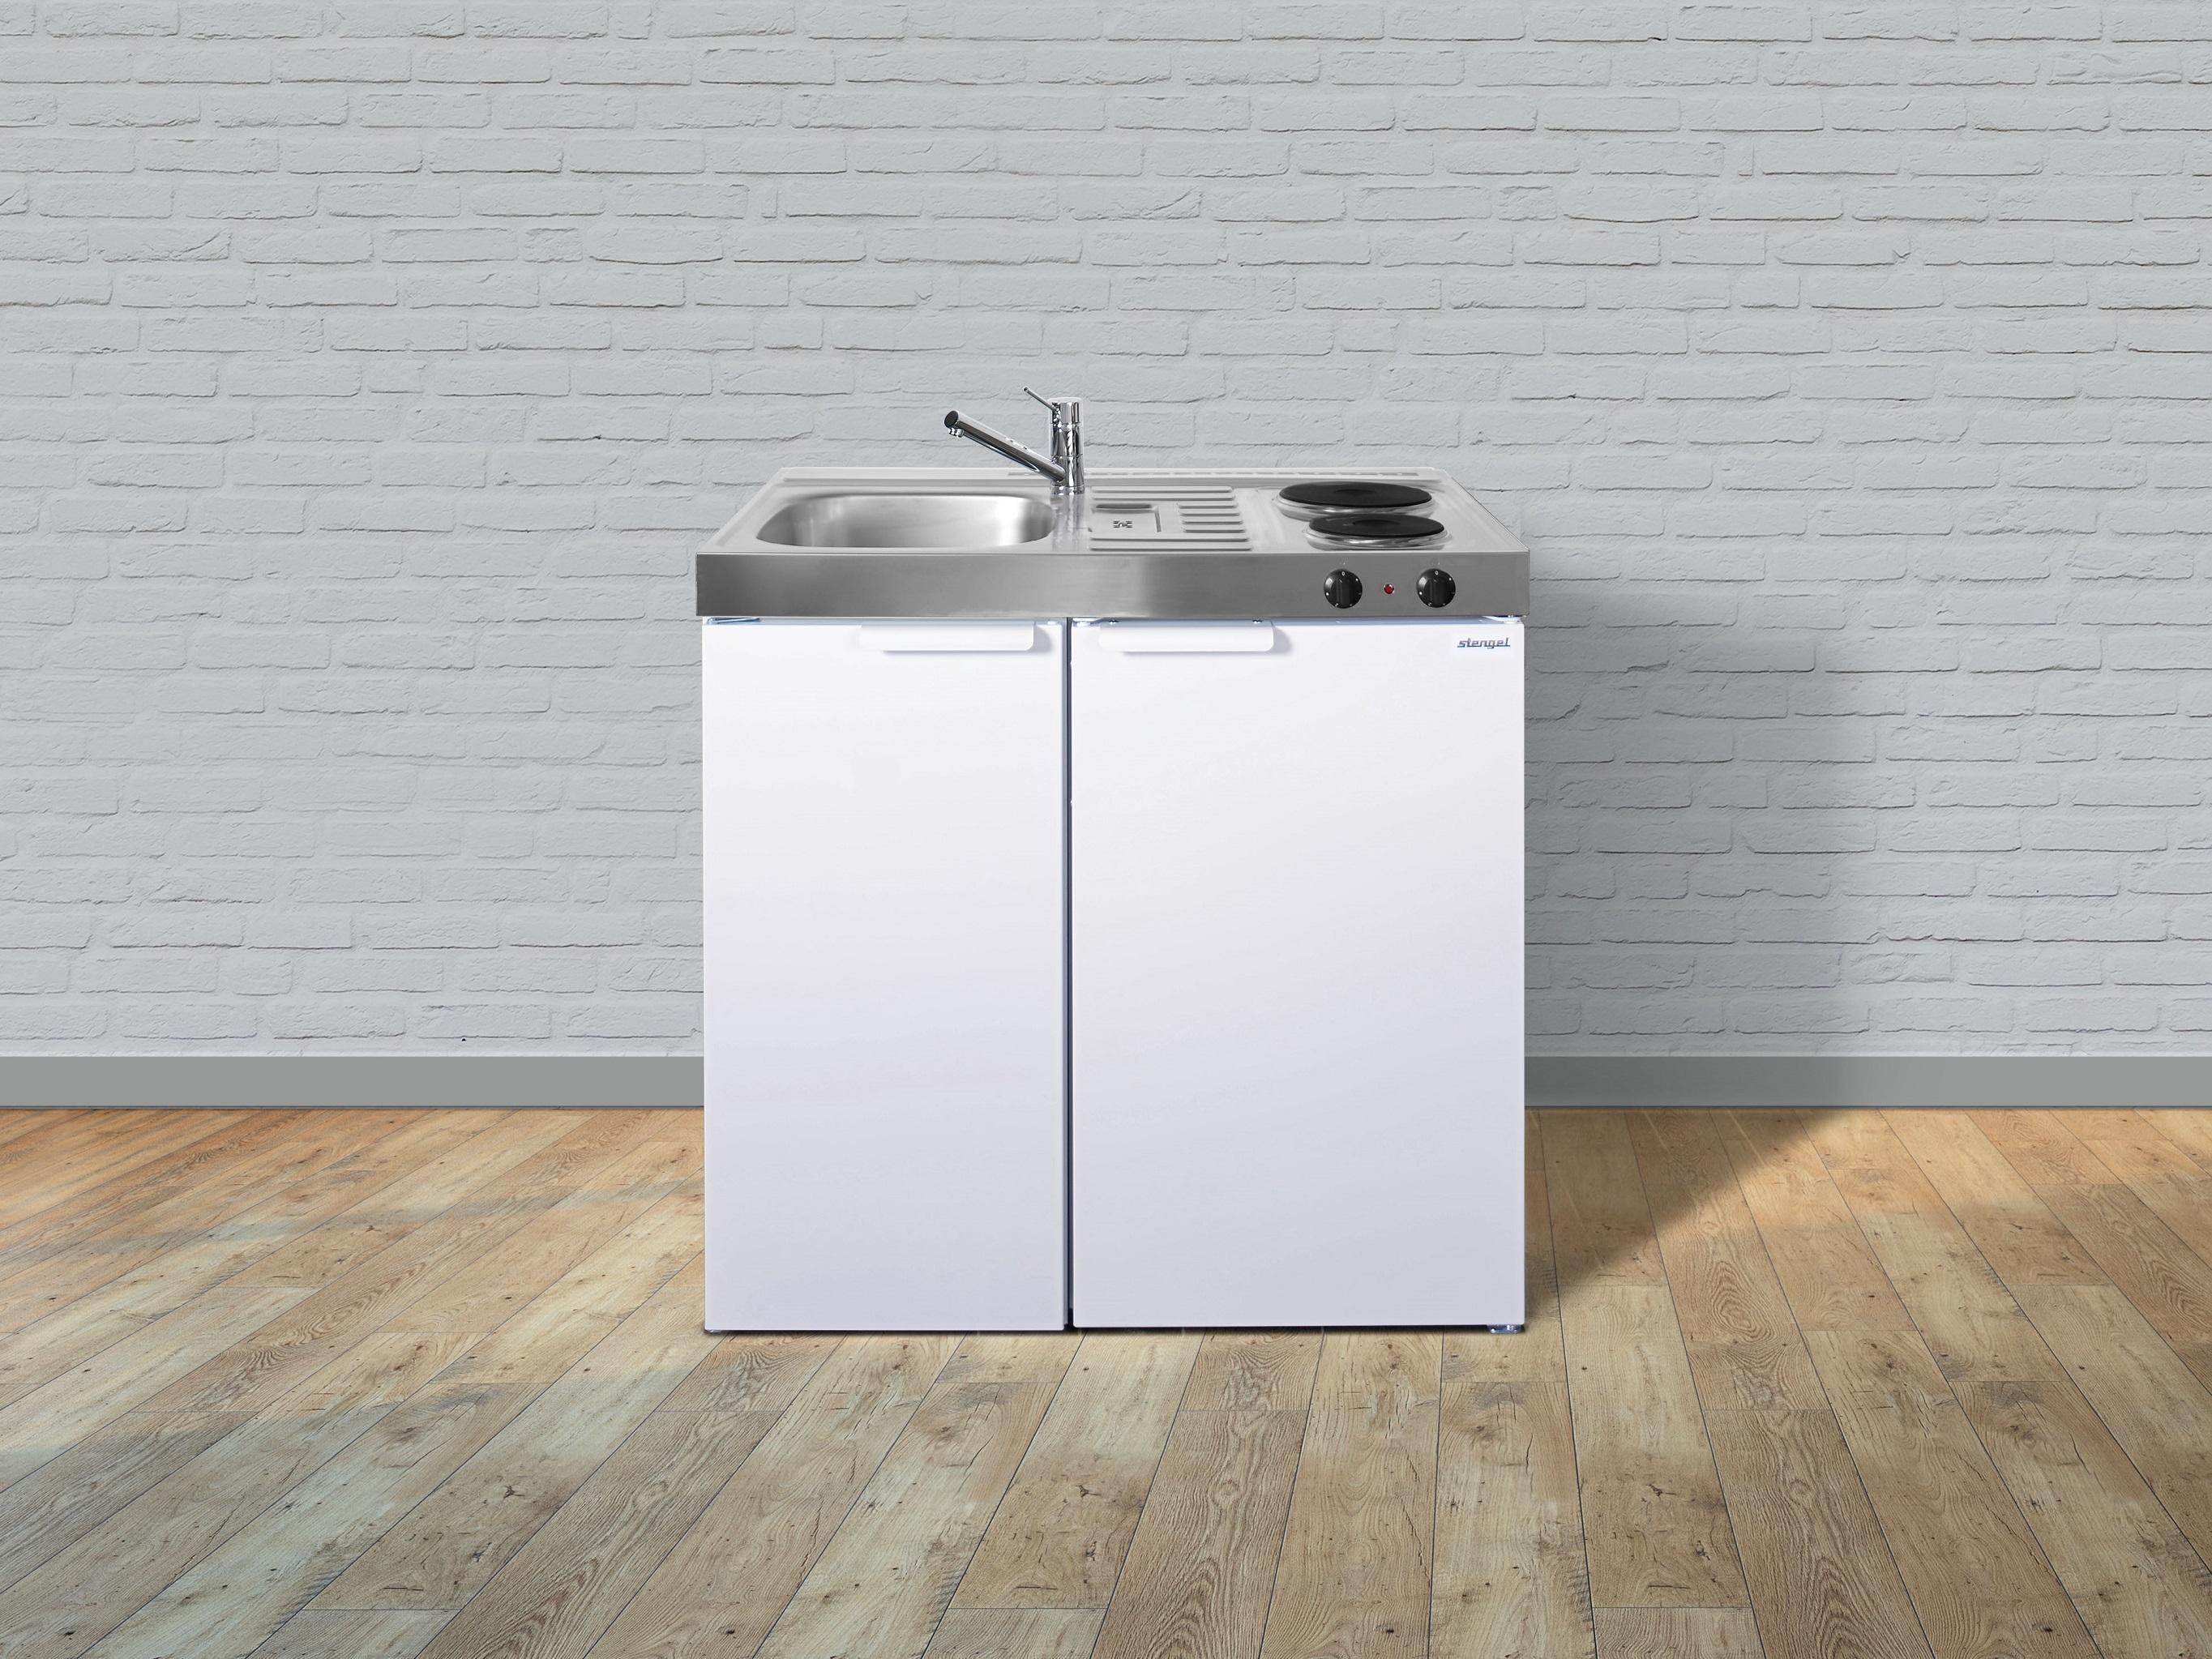 Stengel Miniküche Küche Küchenzeile Singleküche Metallküche Metall 90 cm weiss